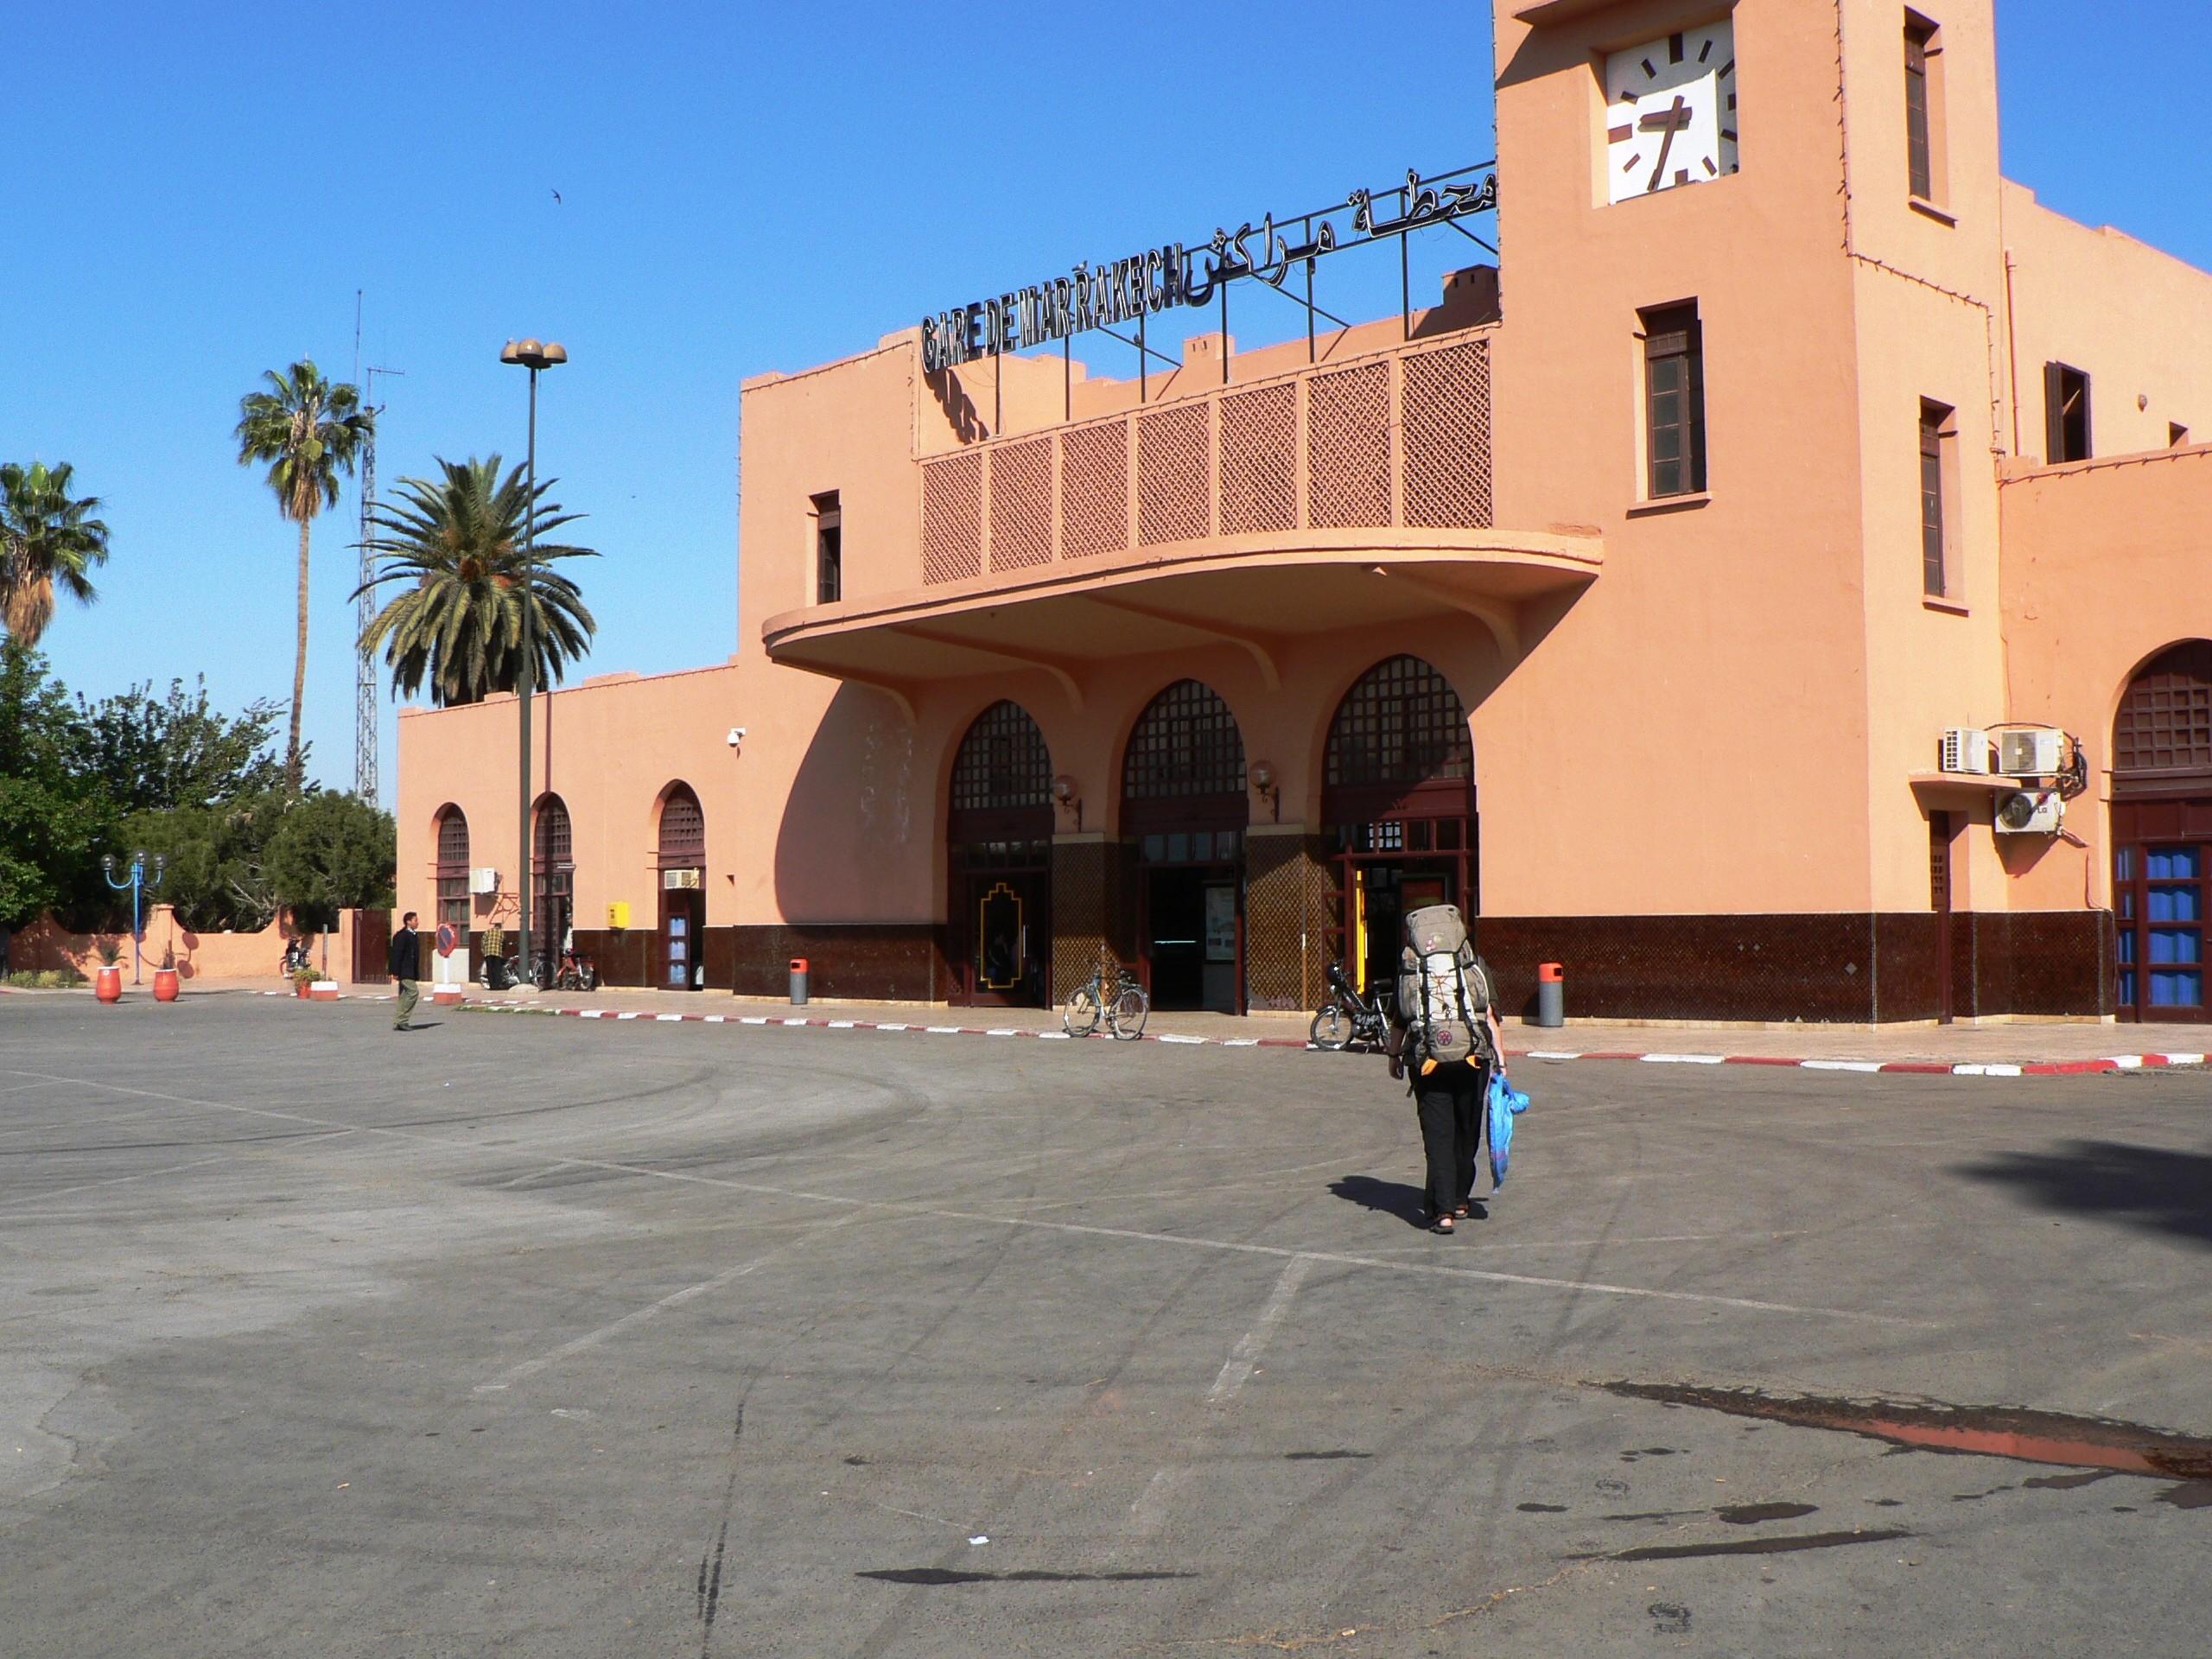 Met de trein naar Casablanca